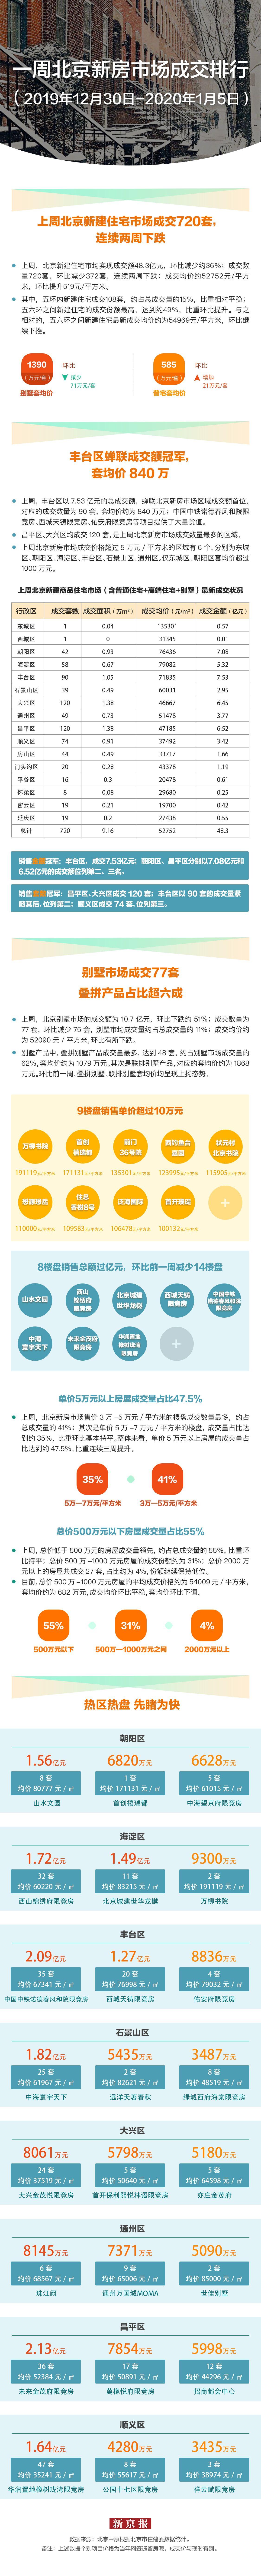 最新消息!长江十年禁渔的具体情况!